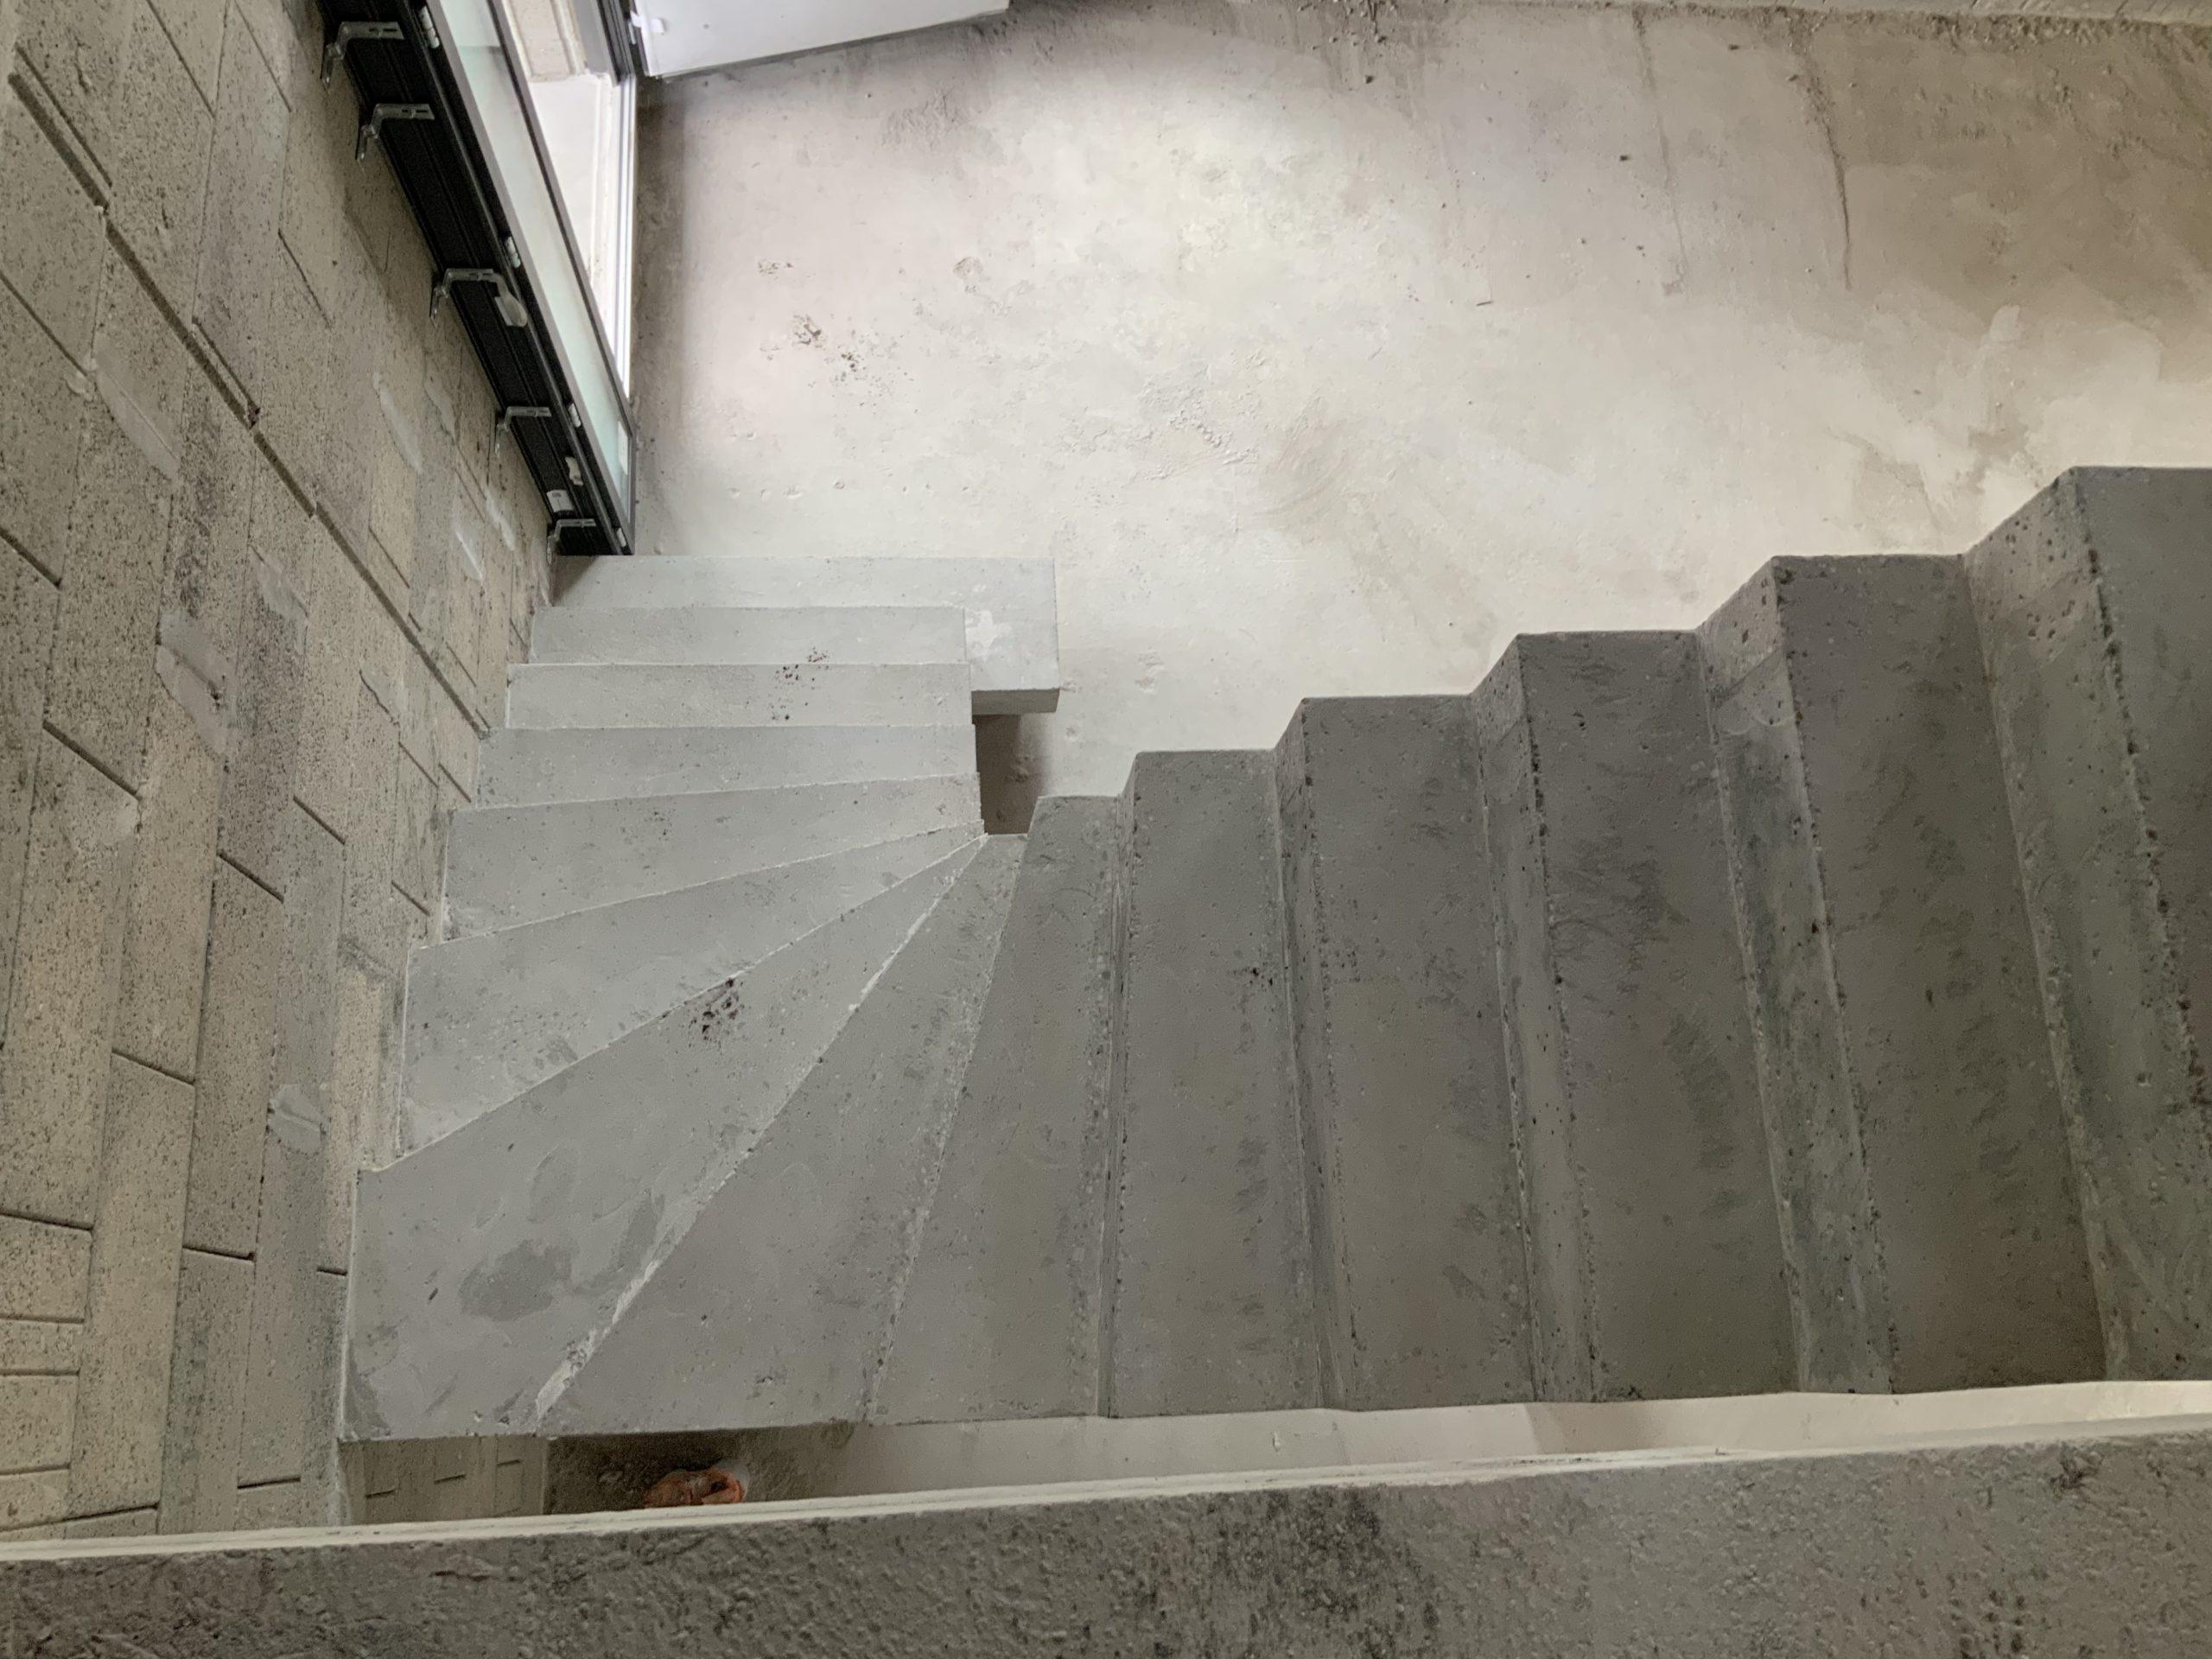 Dessus de l'escalier beton